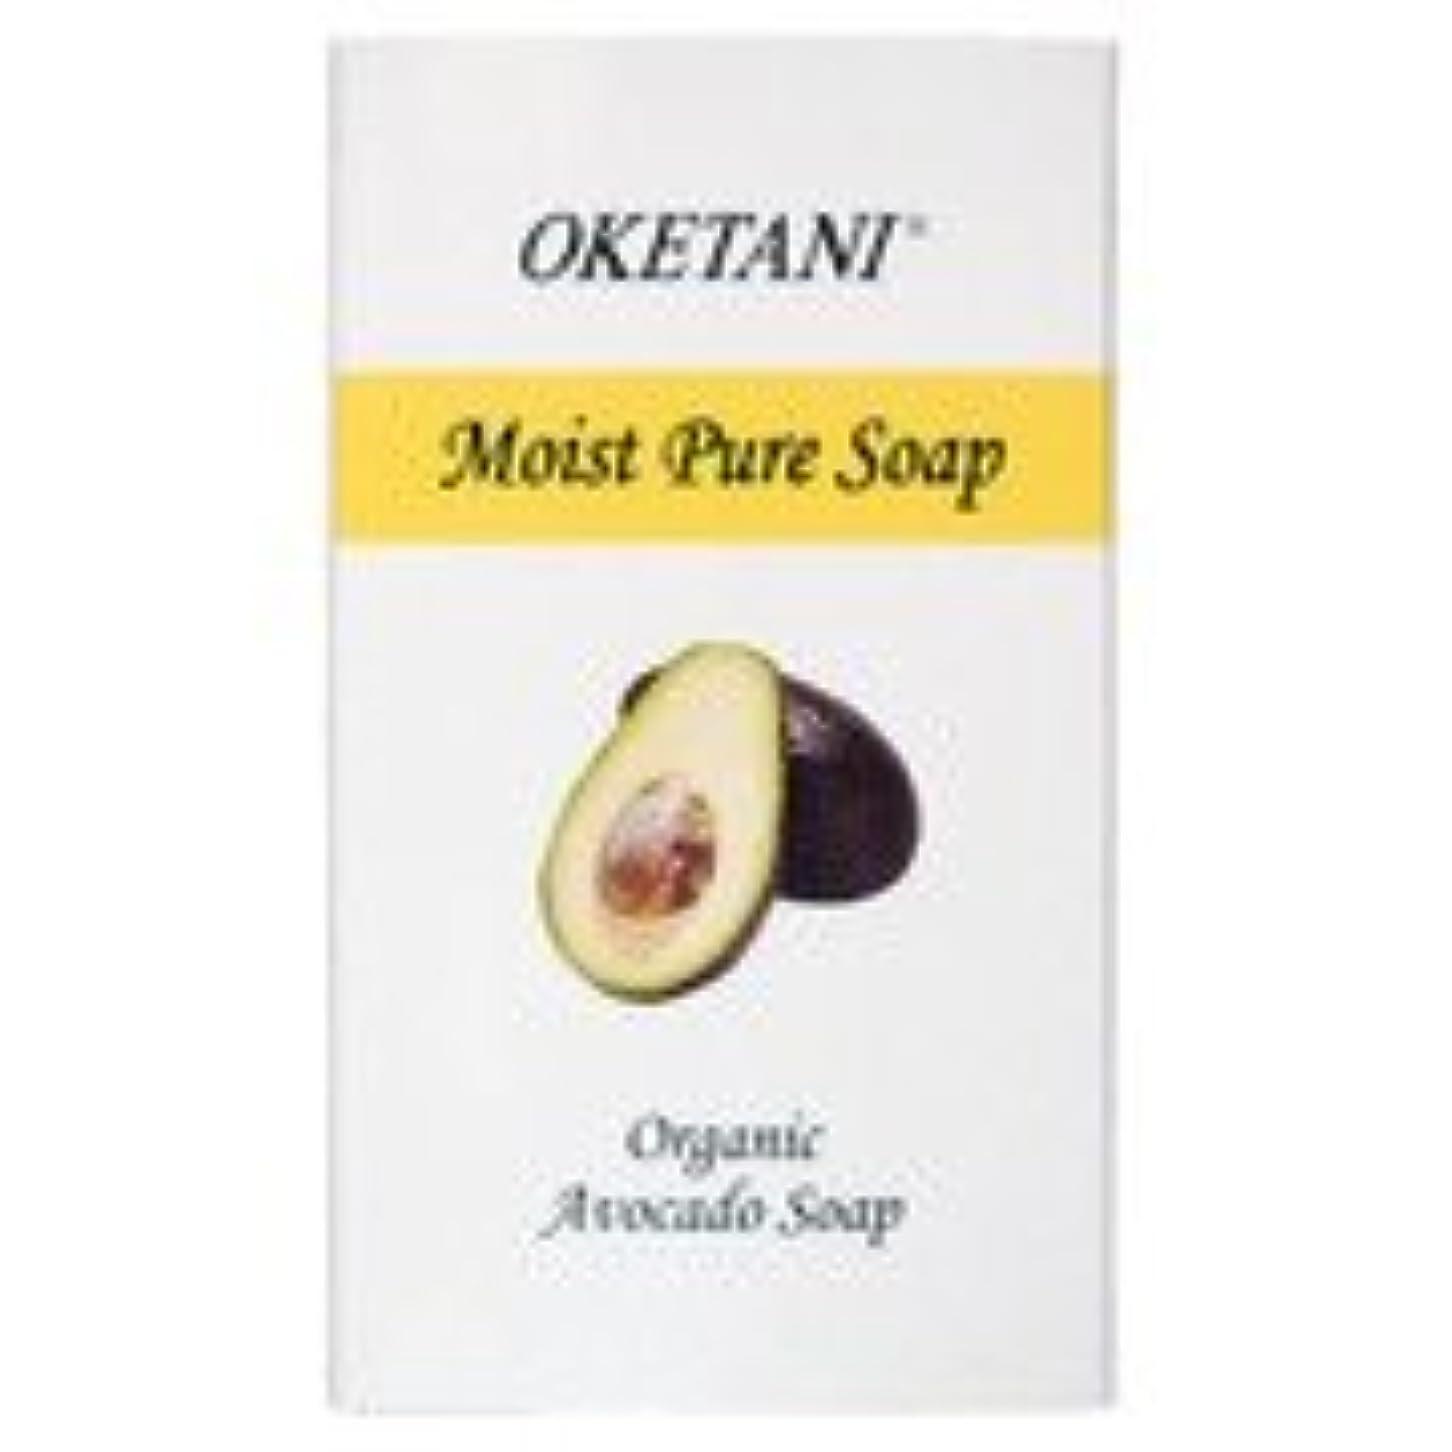 慎重に事前にデコレーション[OKETANI]モイスチャーオーガニックアボガド石鹸